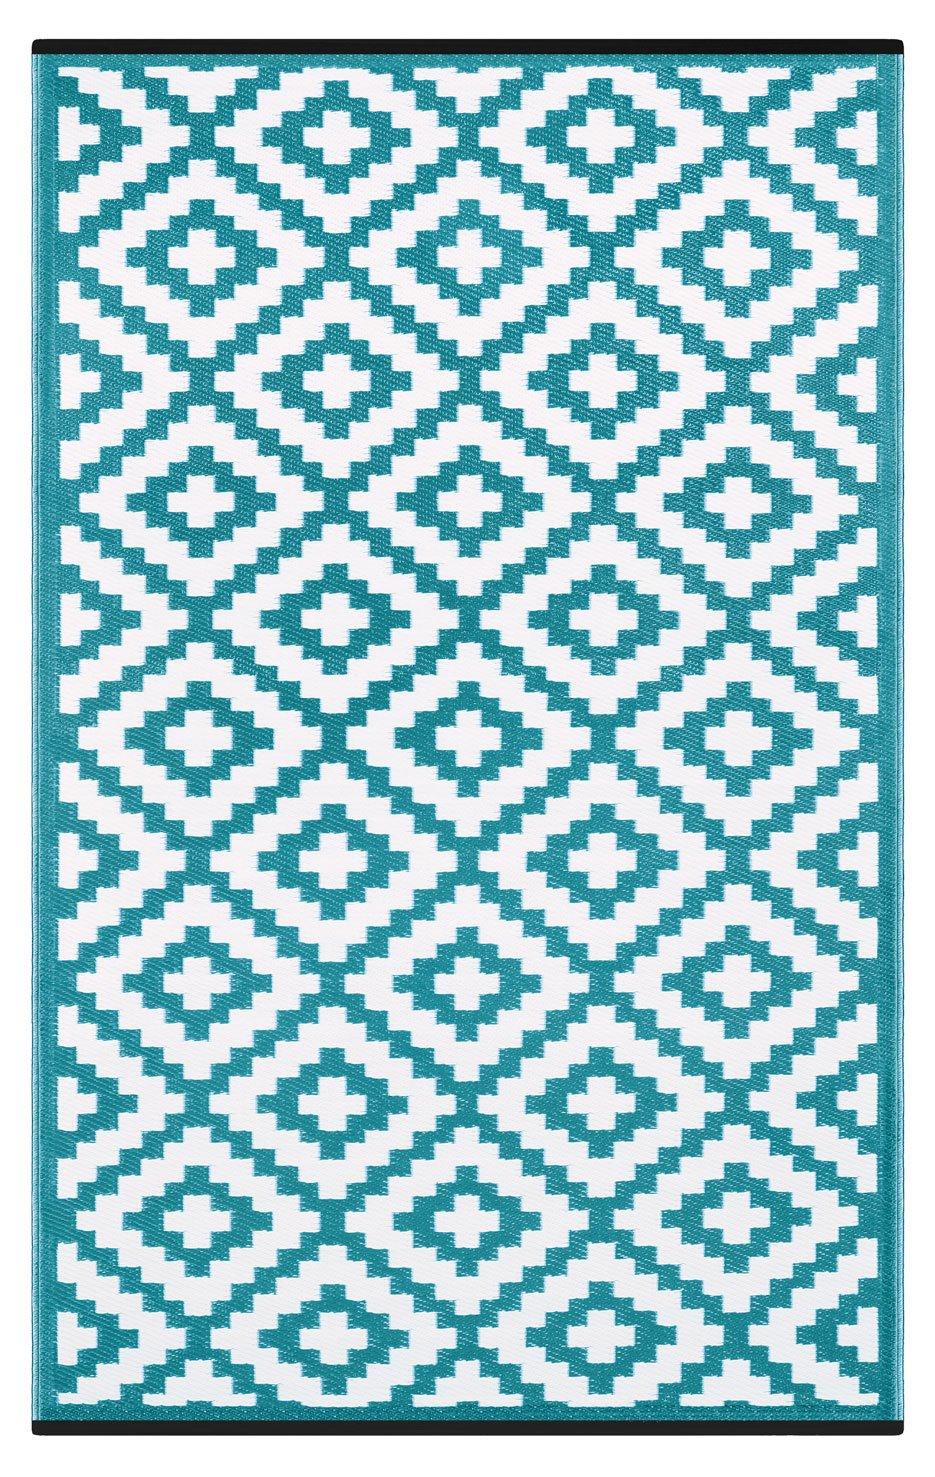 Grün Deko-Outdoor wendbar Nirvana Teppich, Teal Blau Weiß, 180 x 270 cm